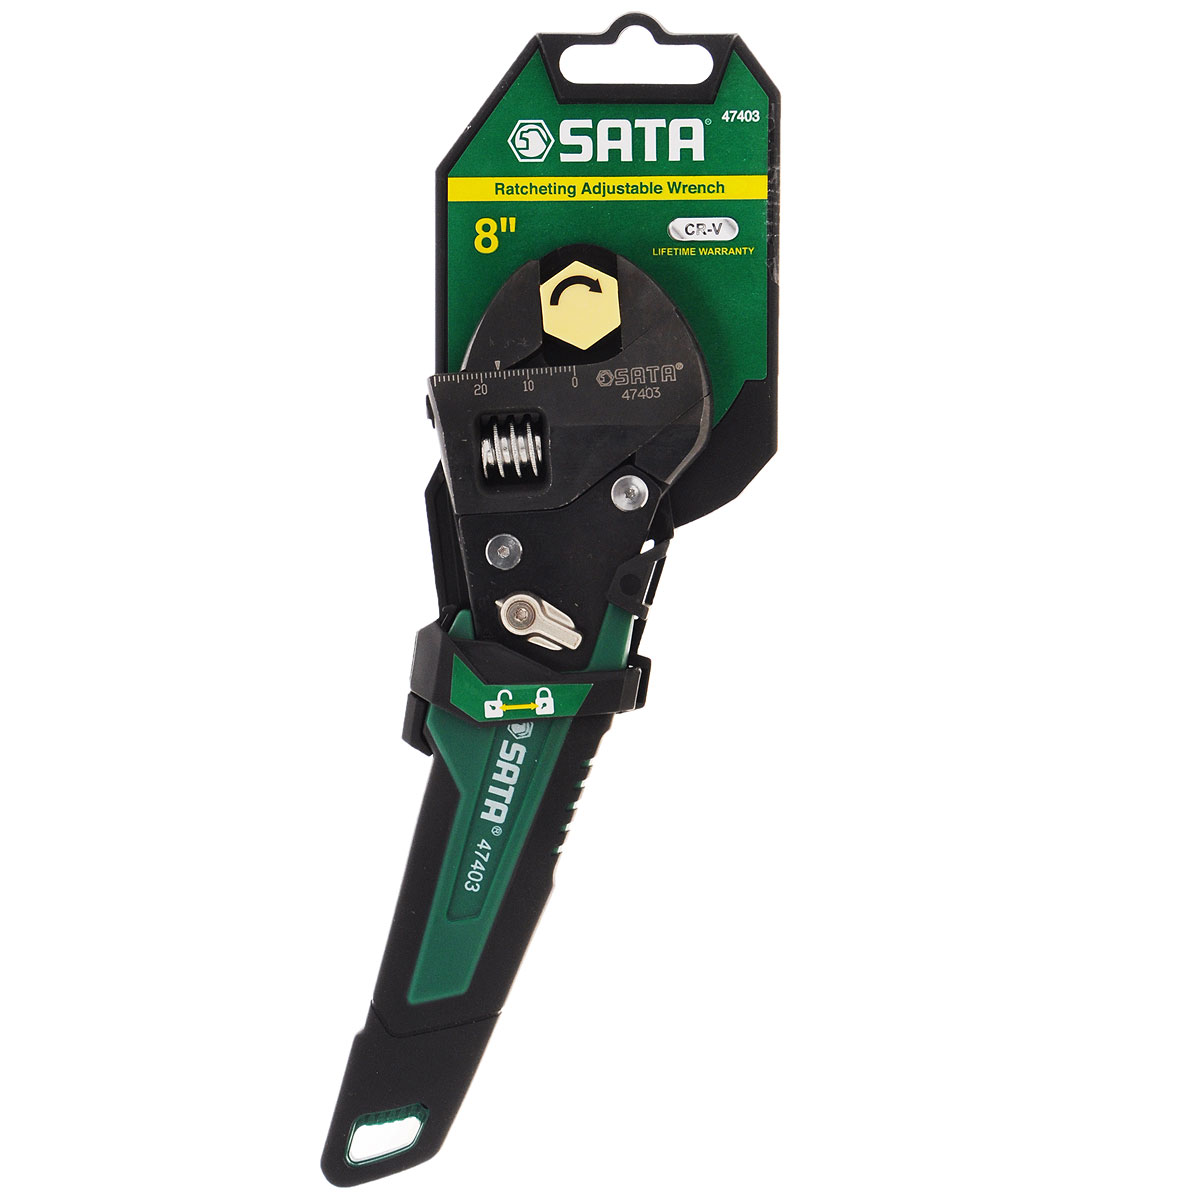 Разводной ключ SATA 4740347403Разводной ключ Sata с реверсивно-трещоточным механизмом предназначен для работы с резьбовыми соединениями. Оснащен рукояткой с полимерным покрытием, которая обеспечивает надежный удобный хват. Особенности: Движущая часть ключа позволяет захватывать любые грани размером до 24 мм. Лазерная гравировка делений метрических и дюймовых. Плавный трещоточный механизм очень легок в использовании. Выключатель трещоточного механизма позволяет использовать ключ как обычный разводной ключ. Уникальный дизайн и специальное противоскользящее покрытие рукоятки обеспечивают максимальный комфорт для руки любого размера. Полностью соответствует спецификации американского института стандартов (ANSI). Максимальный размер раскрытия зева (максимальный развод губок): 25 мм.Толщина губок зева: 14,5 мм.